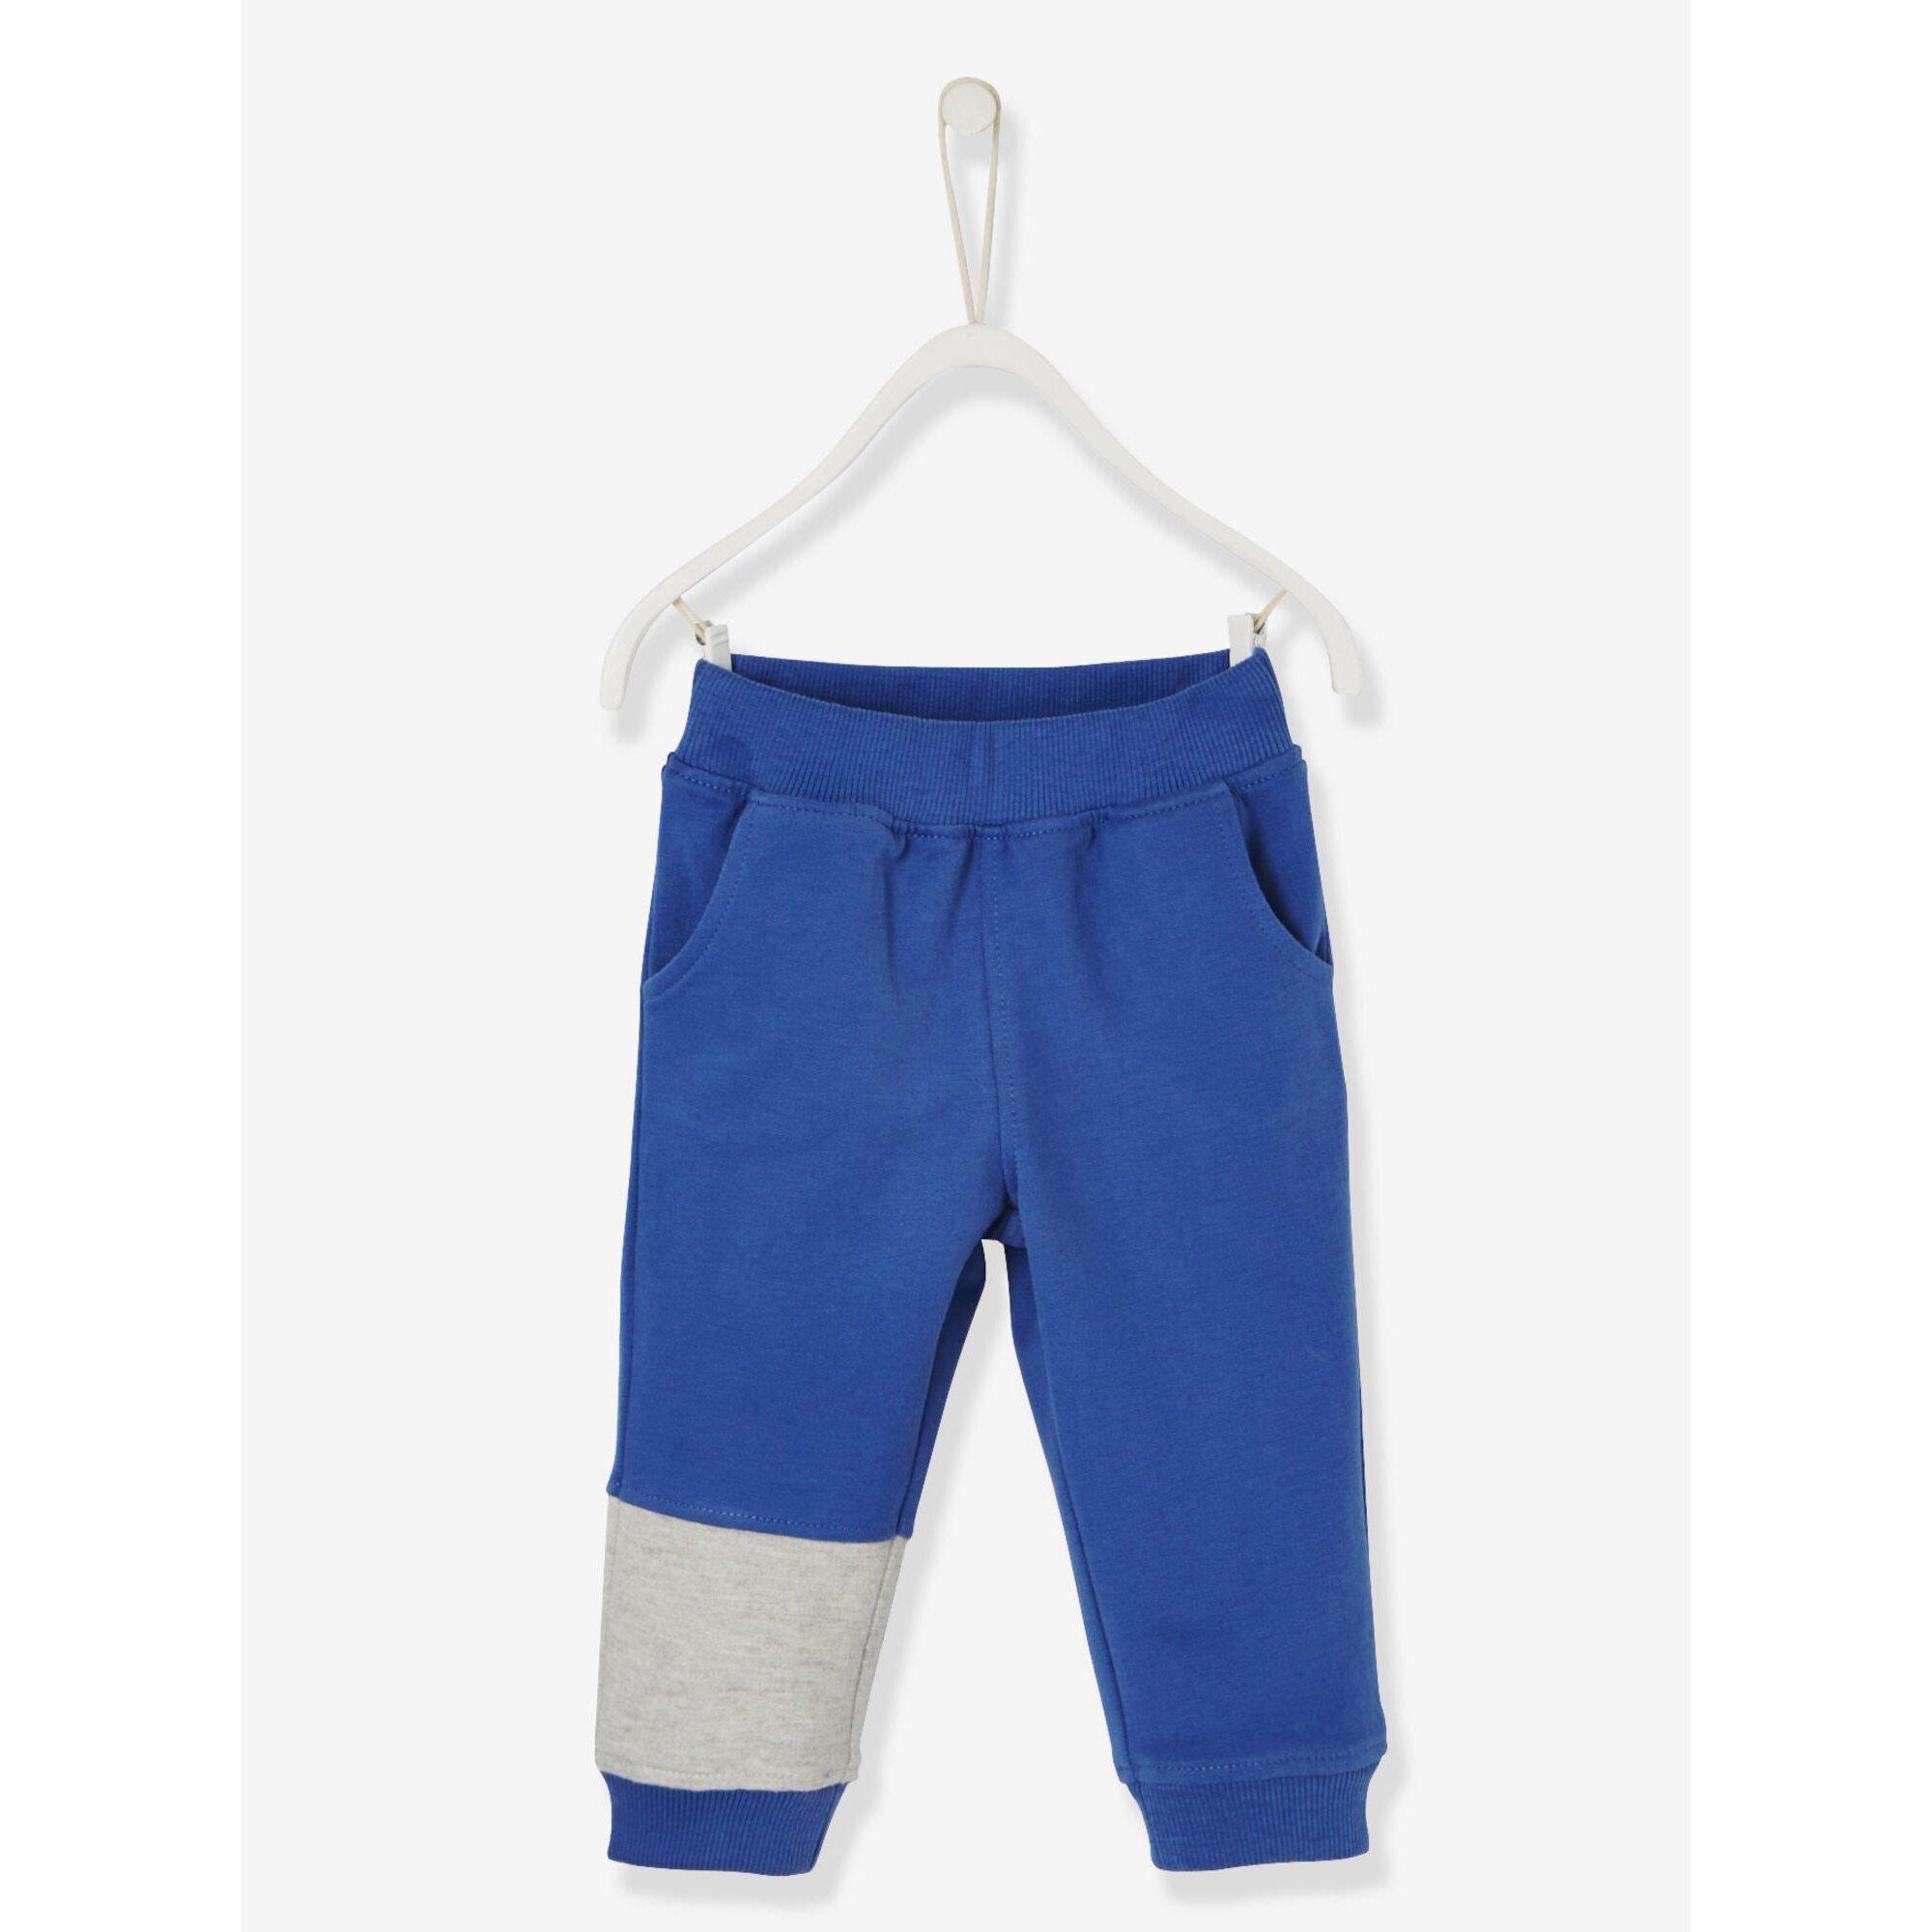 vertbaudet-kapuzensweatshirt-und-hose-baby-jungen, 25.99 EUR @ babywalz-de